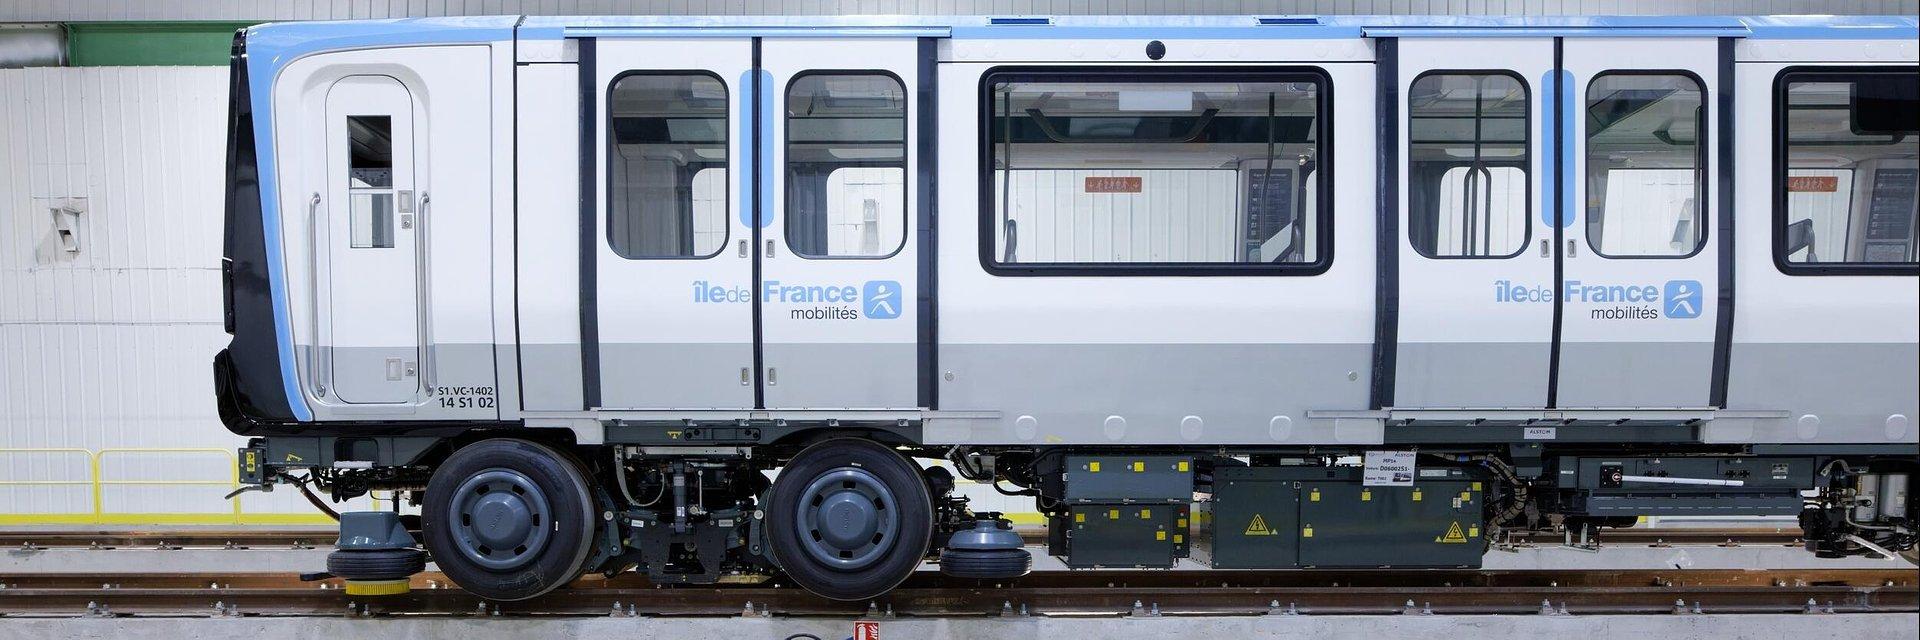 Alstom dostarczy 19 dodatkowych wagonów do obsługi 11 linii metra Île-de-France